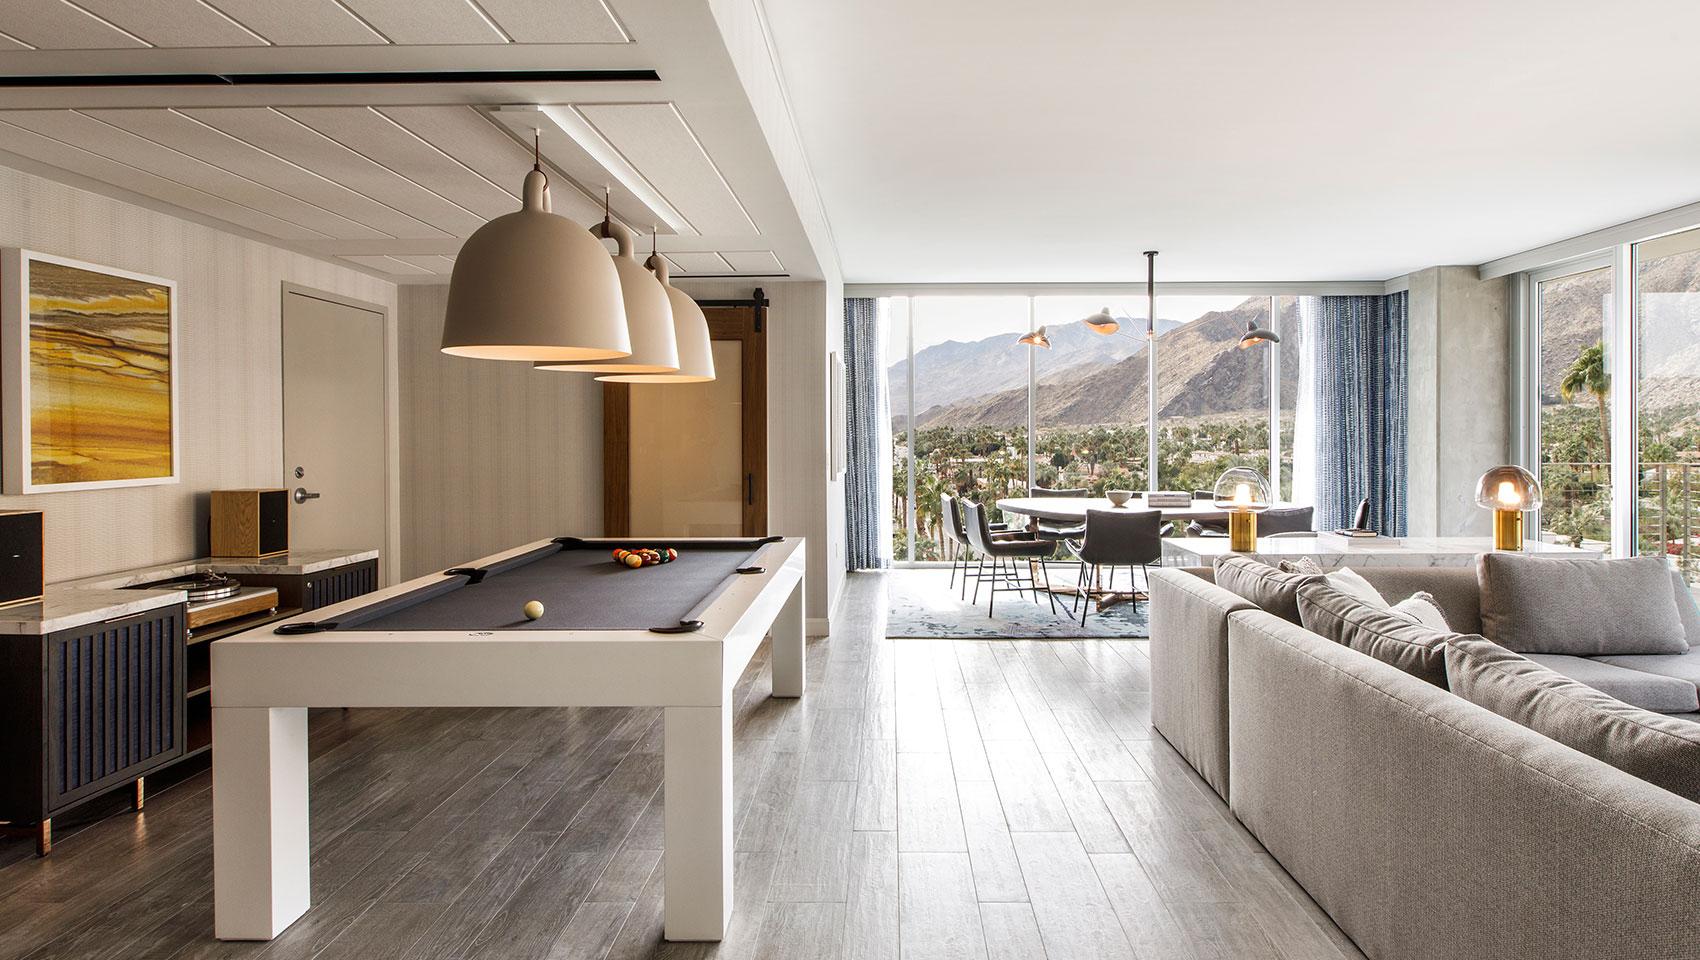 arlo-suite-pool-table-living-room-palm-springs-rowan-57375b20.jpg